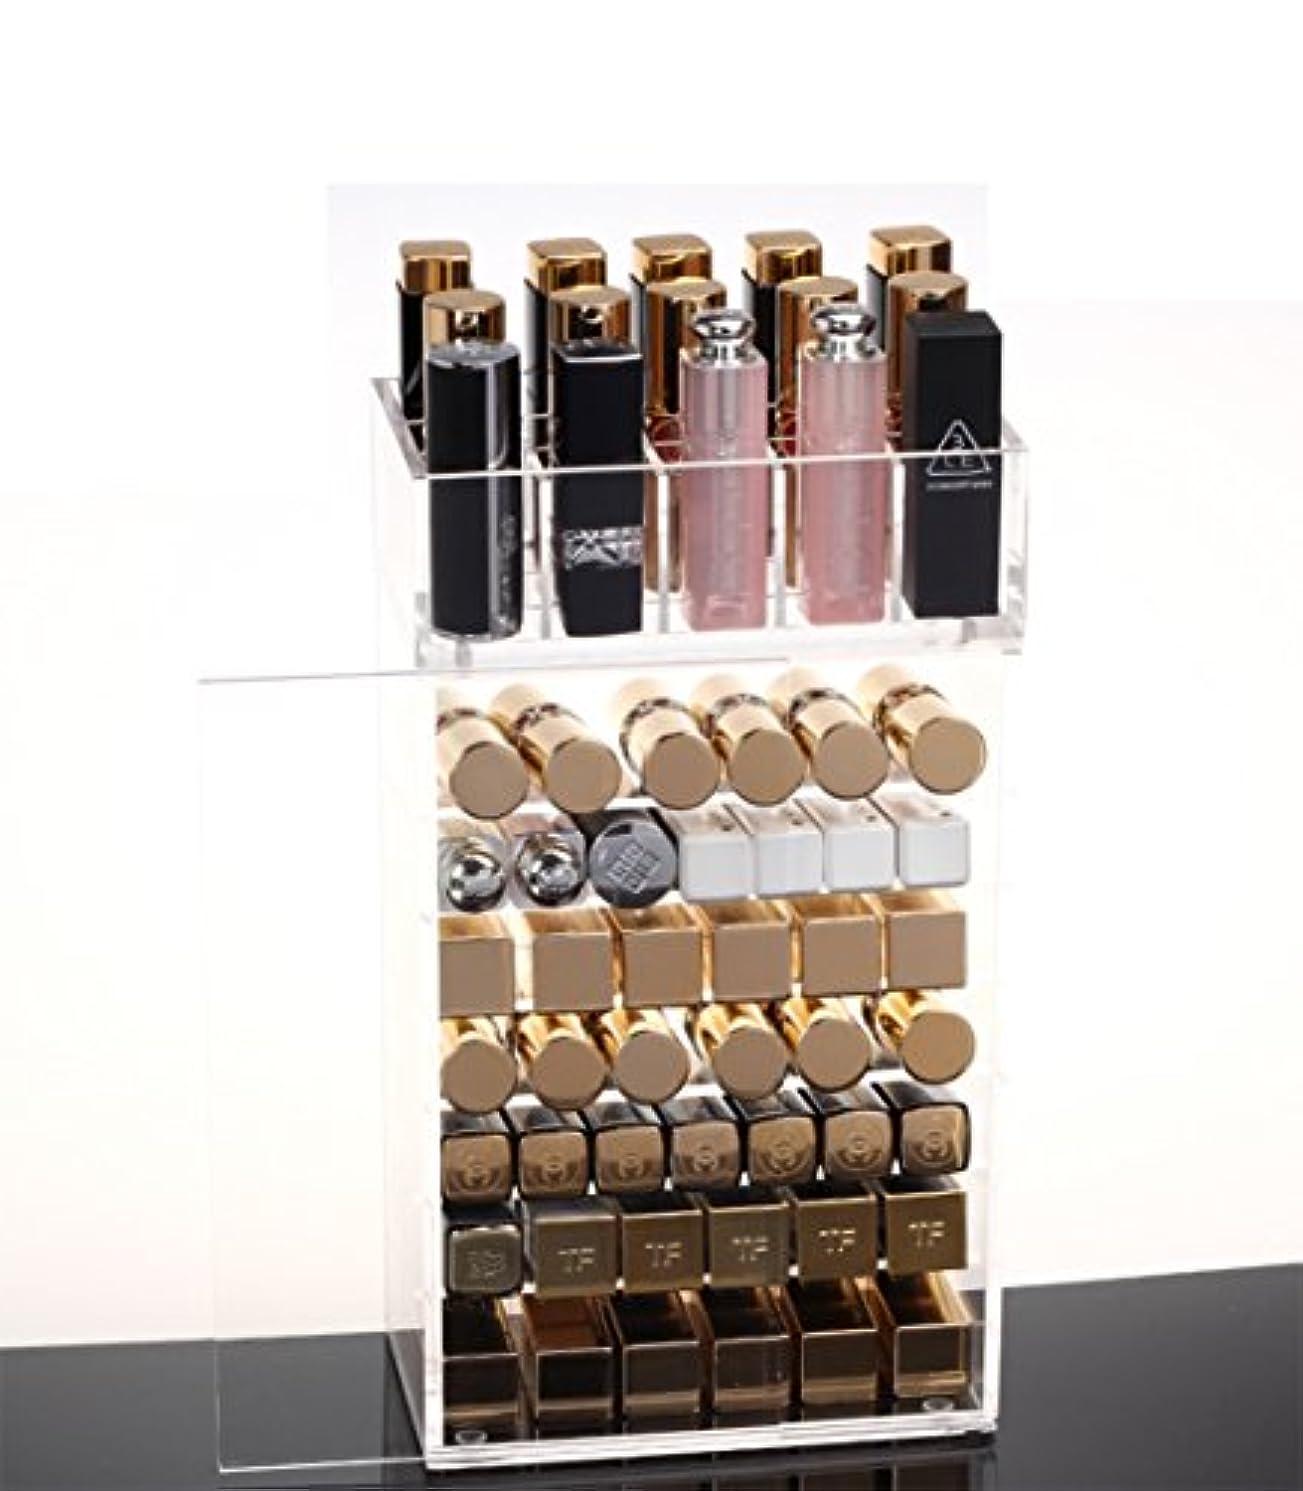 宝石マダムはしごSZTulip 化粧品収納ボックス メイクケース メイクボックス 口紅収納 ネイルカラー小物入れ レディース  透明アクリル 防塵ドア付き コスメボックス